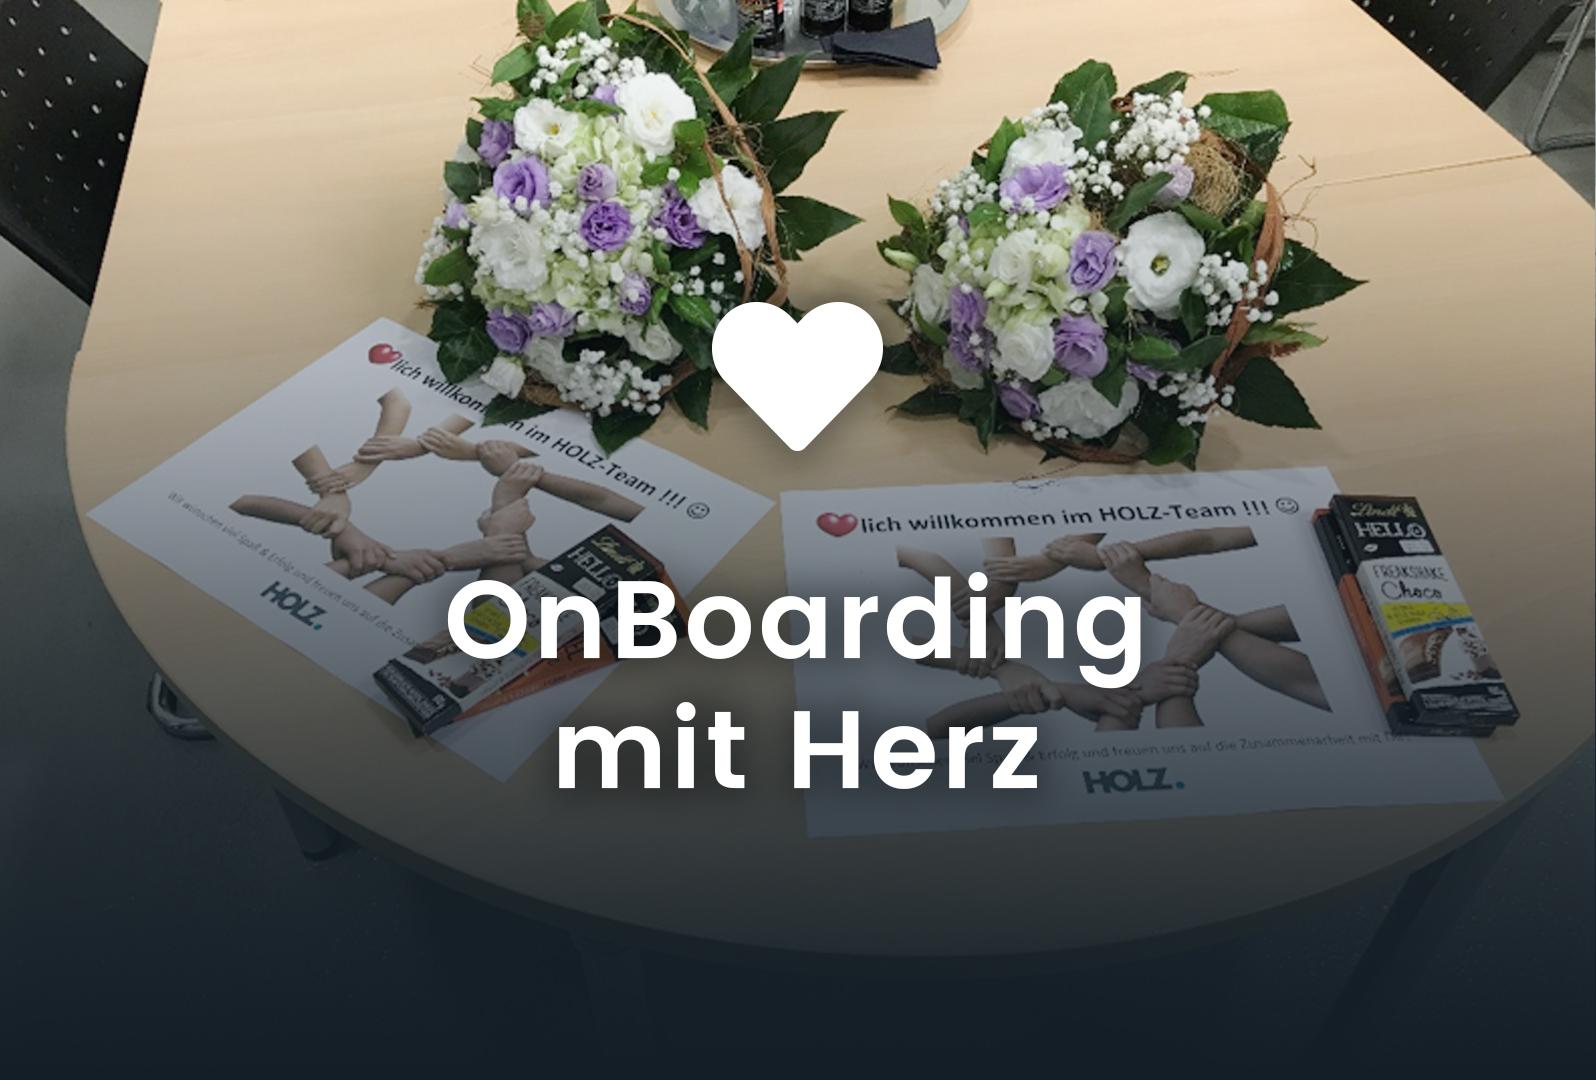 OnBoarding mit Herz